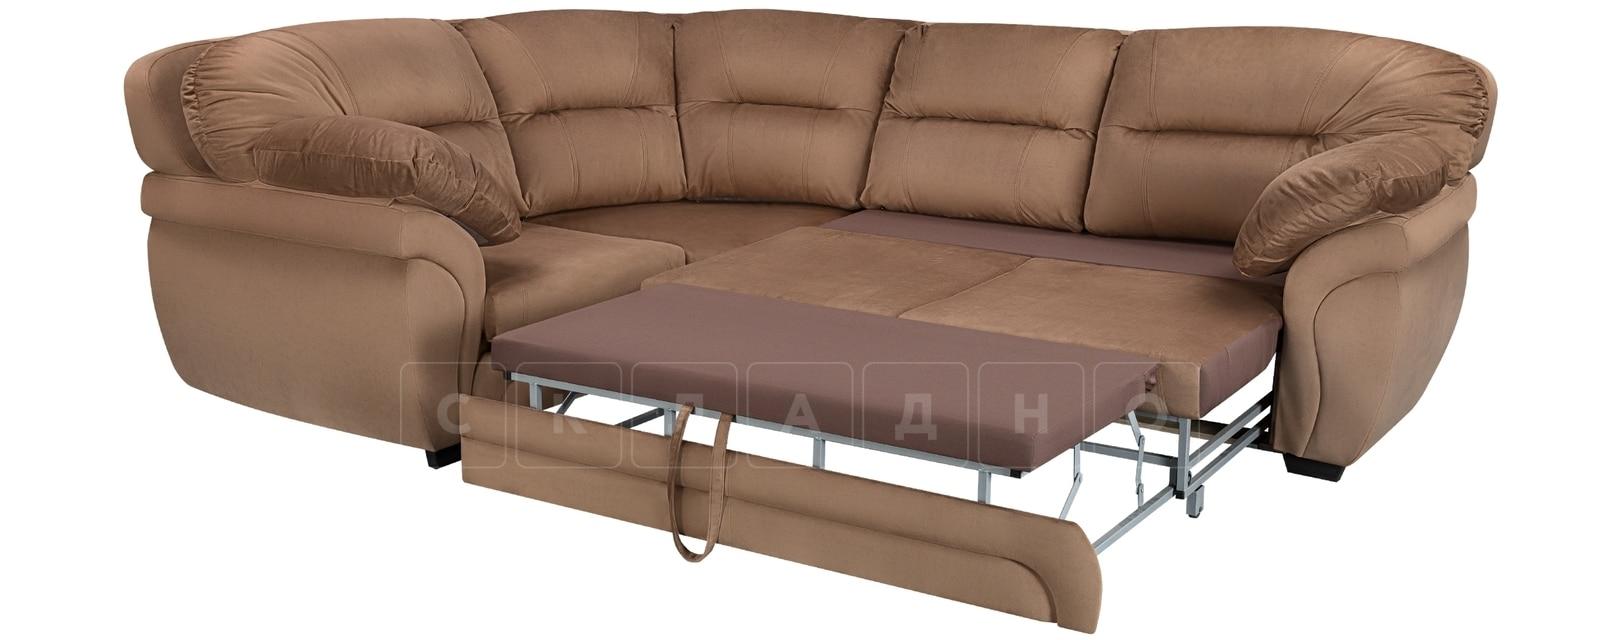 Диван угловой Бристоль велюр коричневый левый угол фото 4 | интернет-магазин Складно